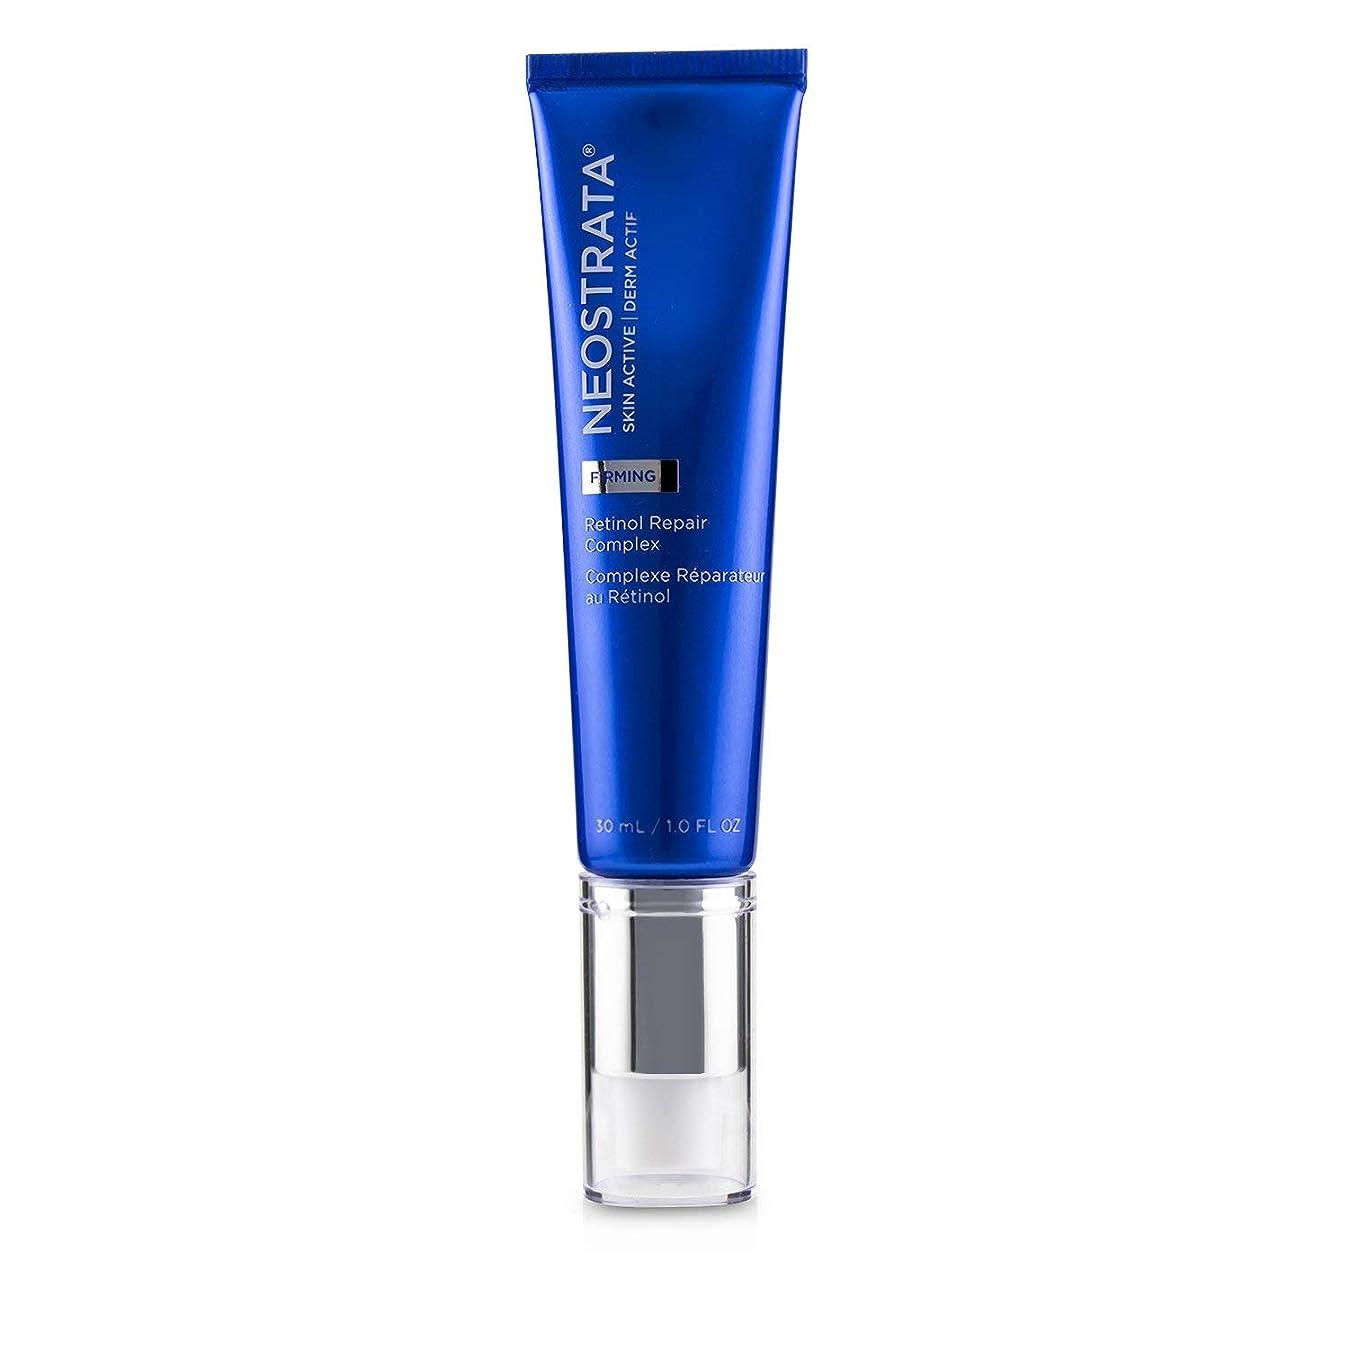 パンアクセスできない近代化ネオストラータ Skin Active Derm Actif Firming - Retinol Repair Complex 30ml/1oz並行輸入品